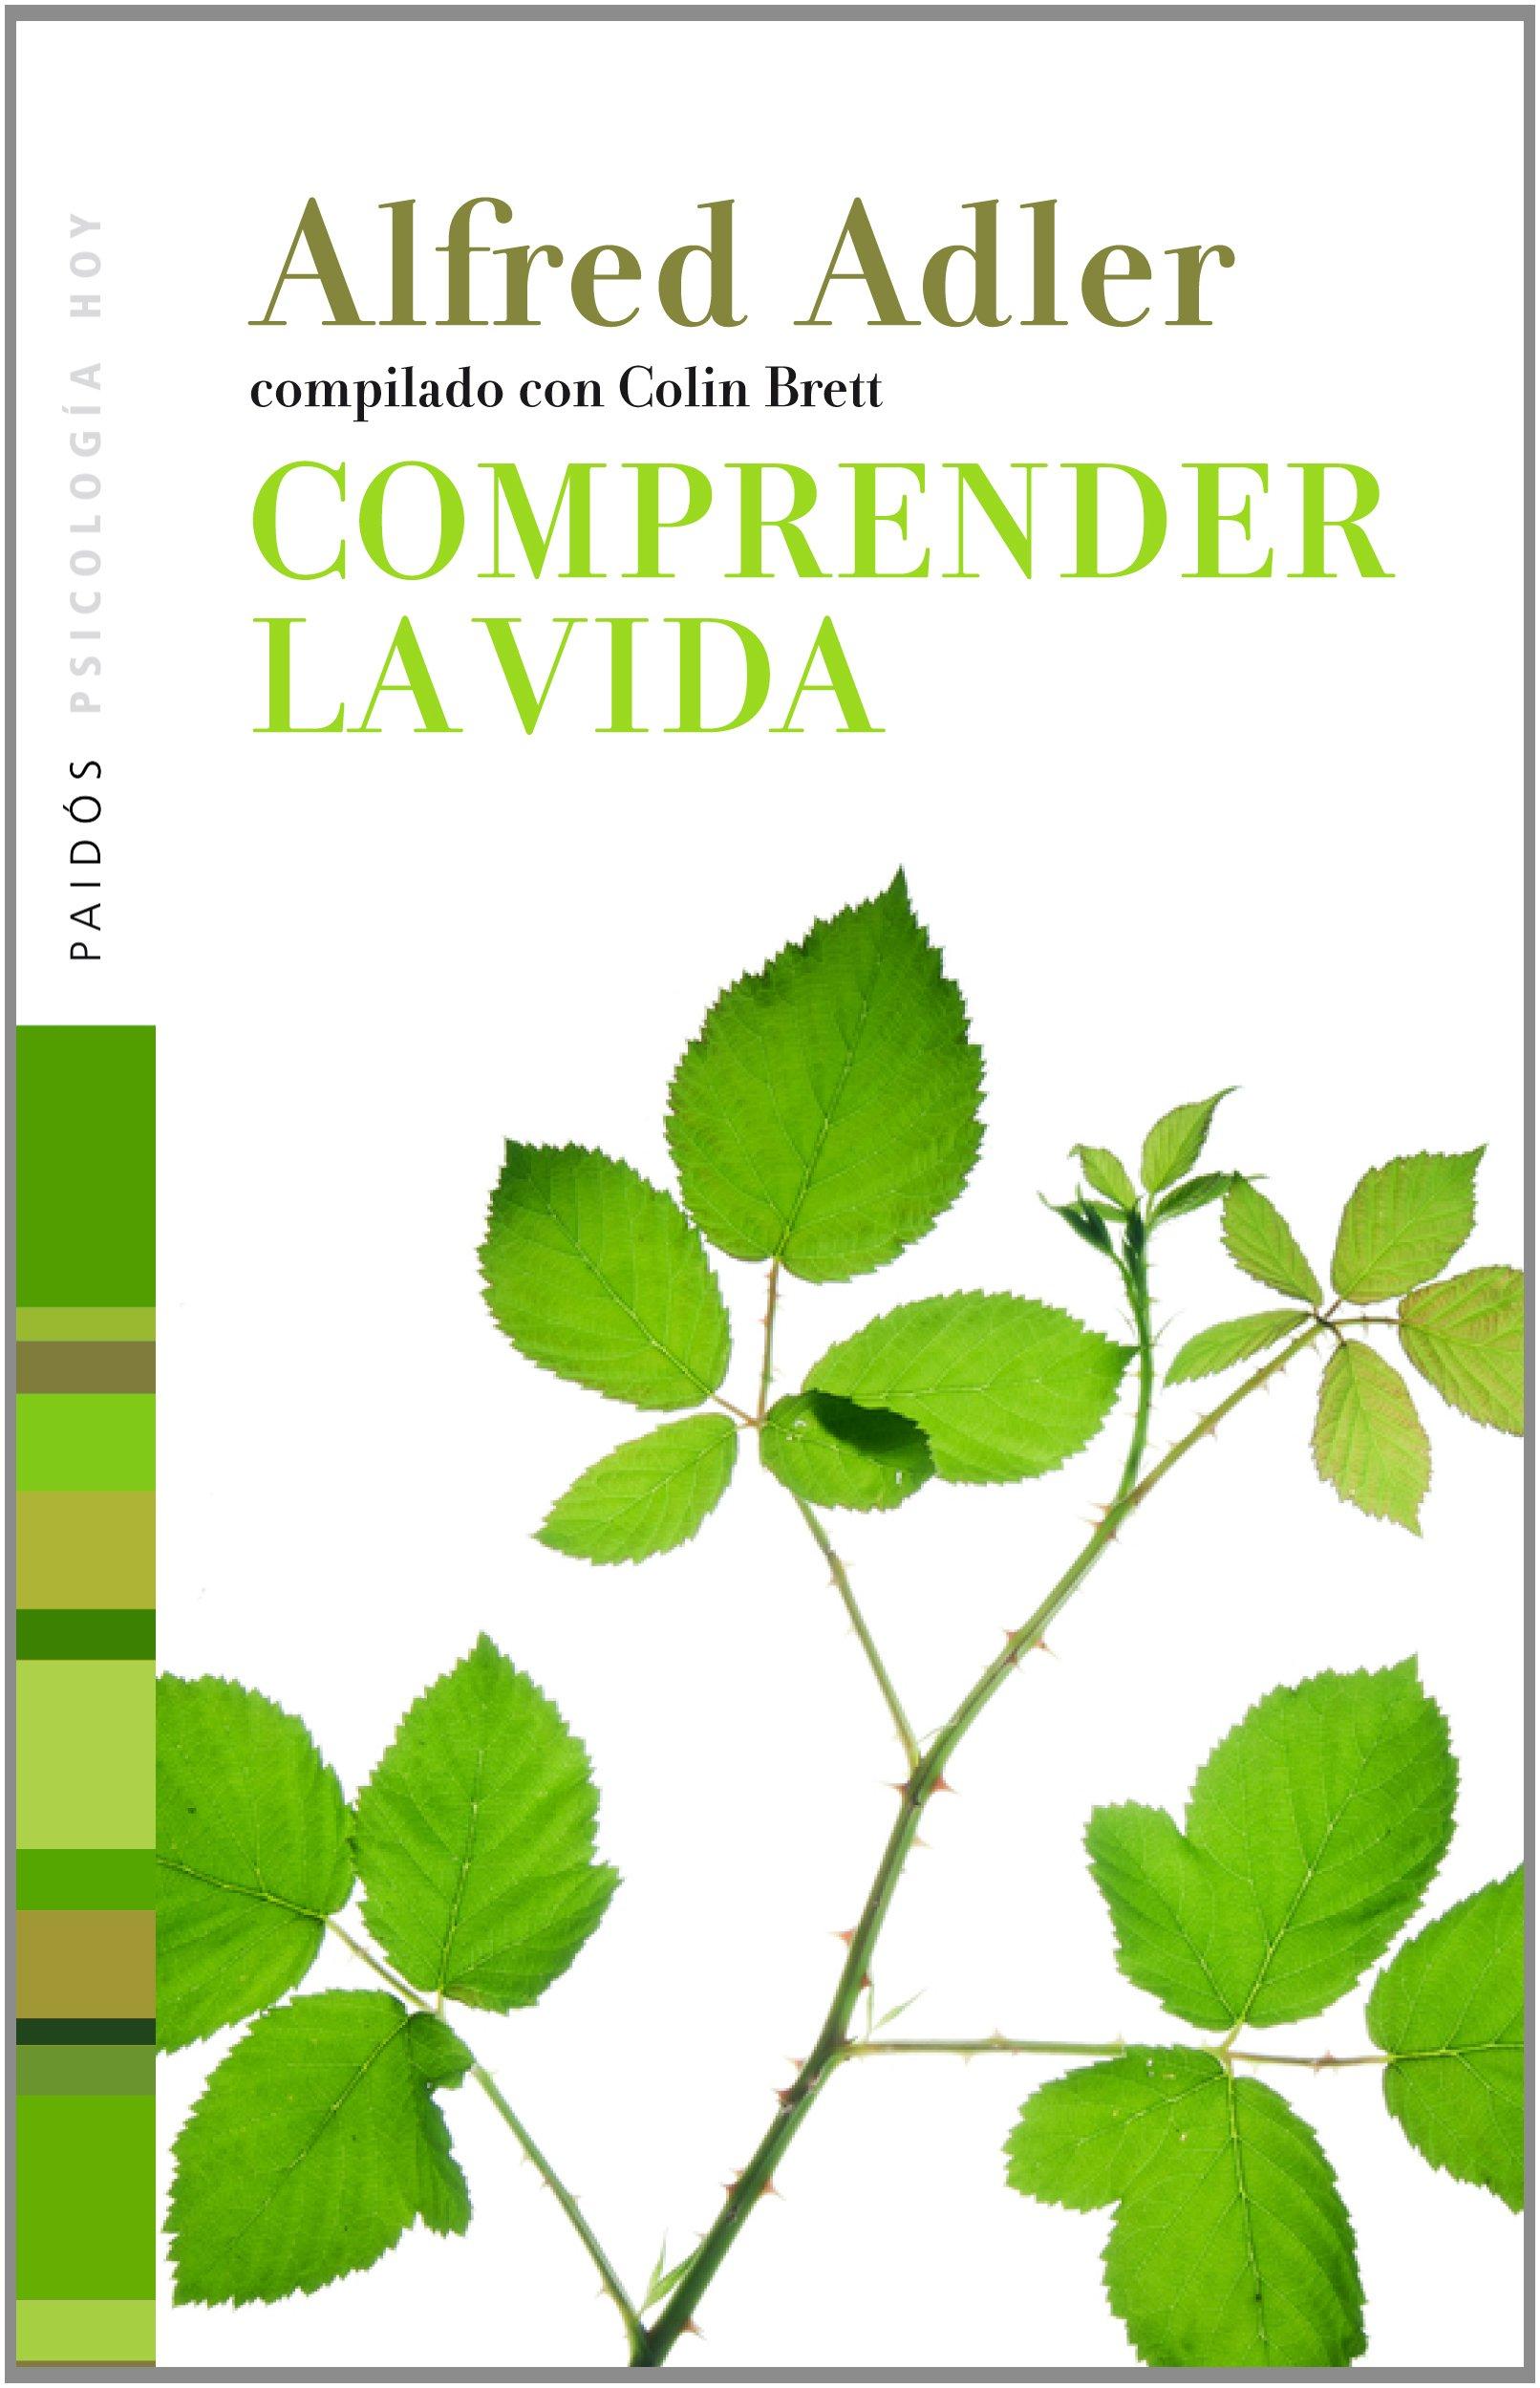 Resultado de imagen para 4.- COMPRENDER LA VIDA...Alfred Adler